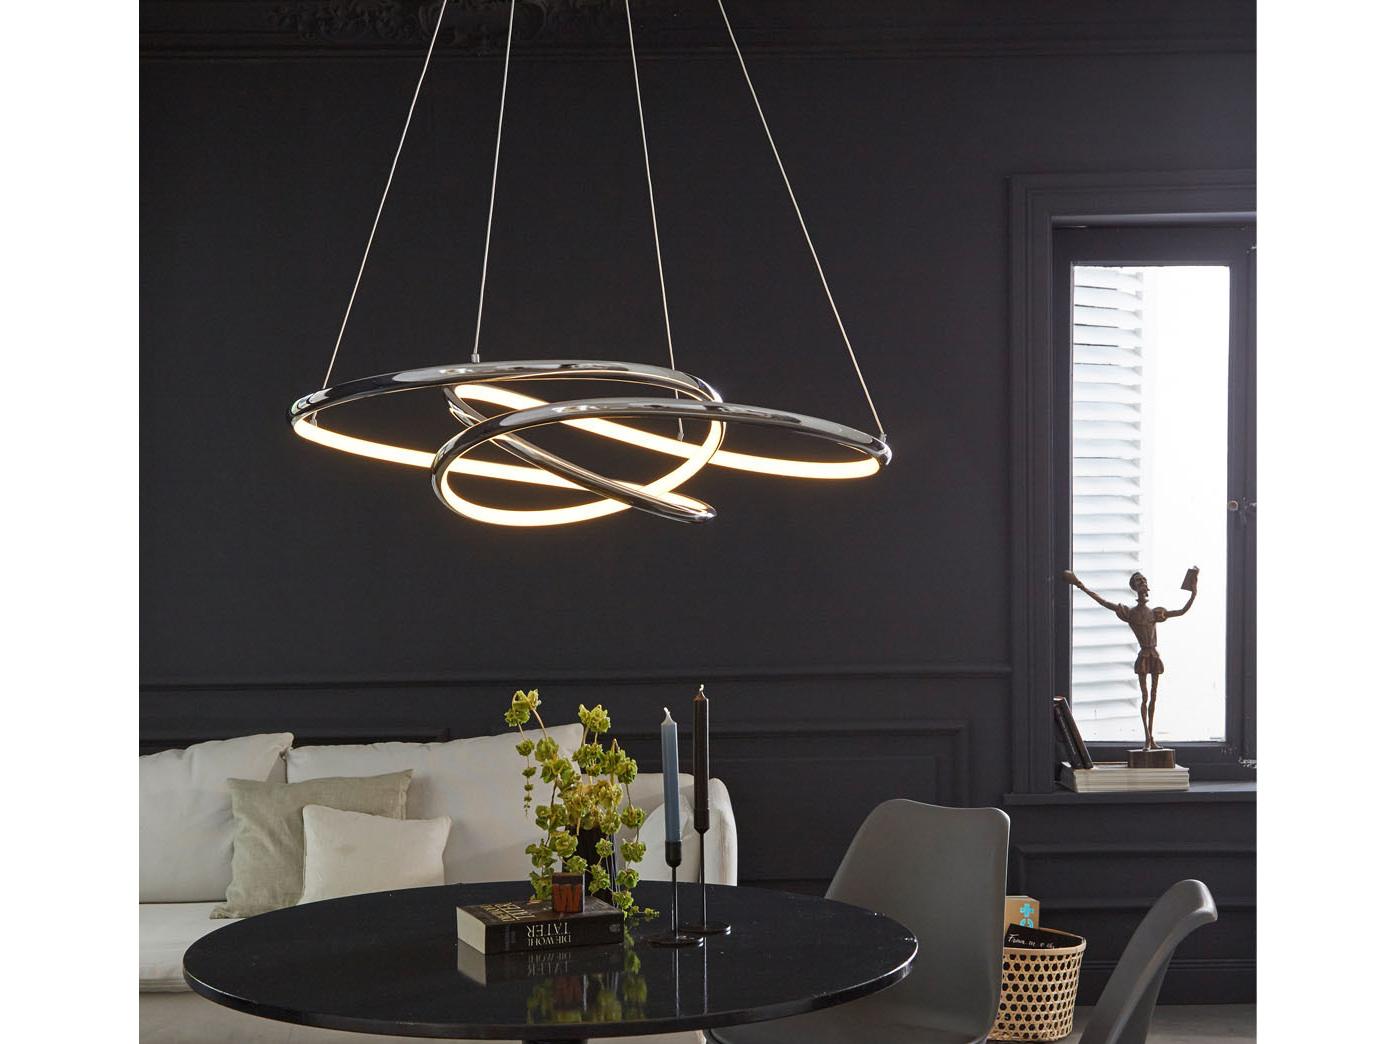 dimmbare led pendelleuchte silber 69x95cm, modernes design, esstischlampe  küche